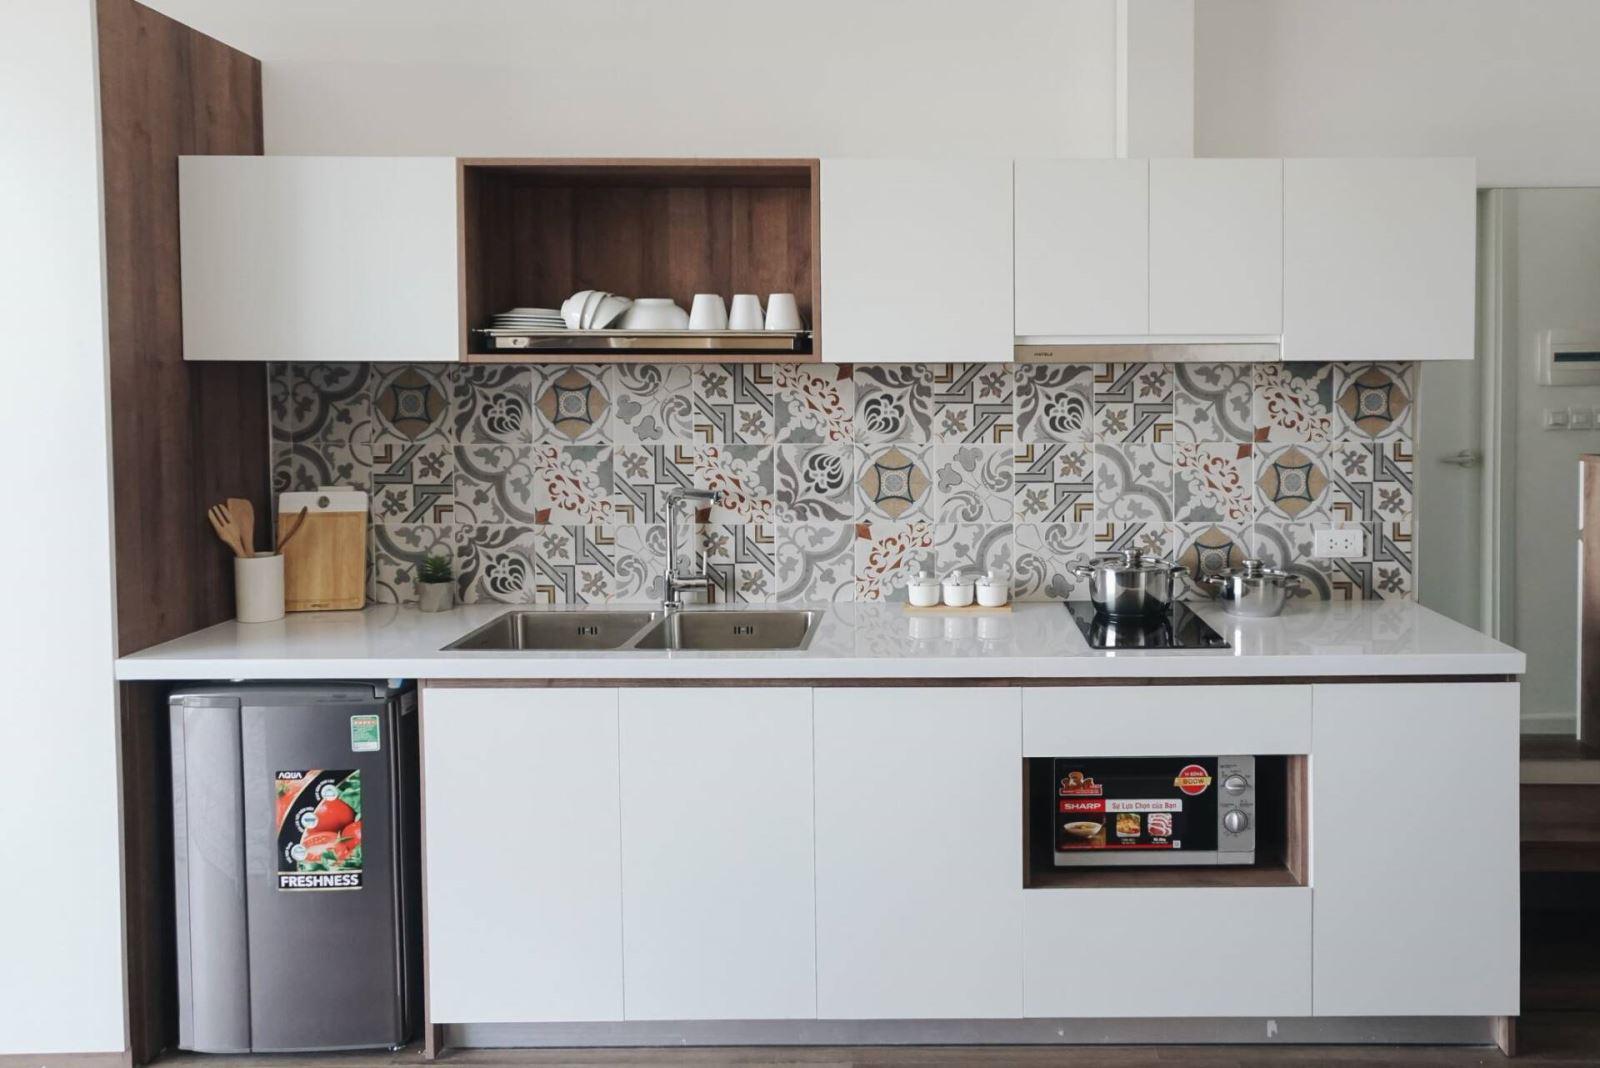 Chất liệu phủ bề mặt Laminate được sử dụng khá nhiều cho khu vực tủ bếp